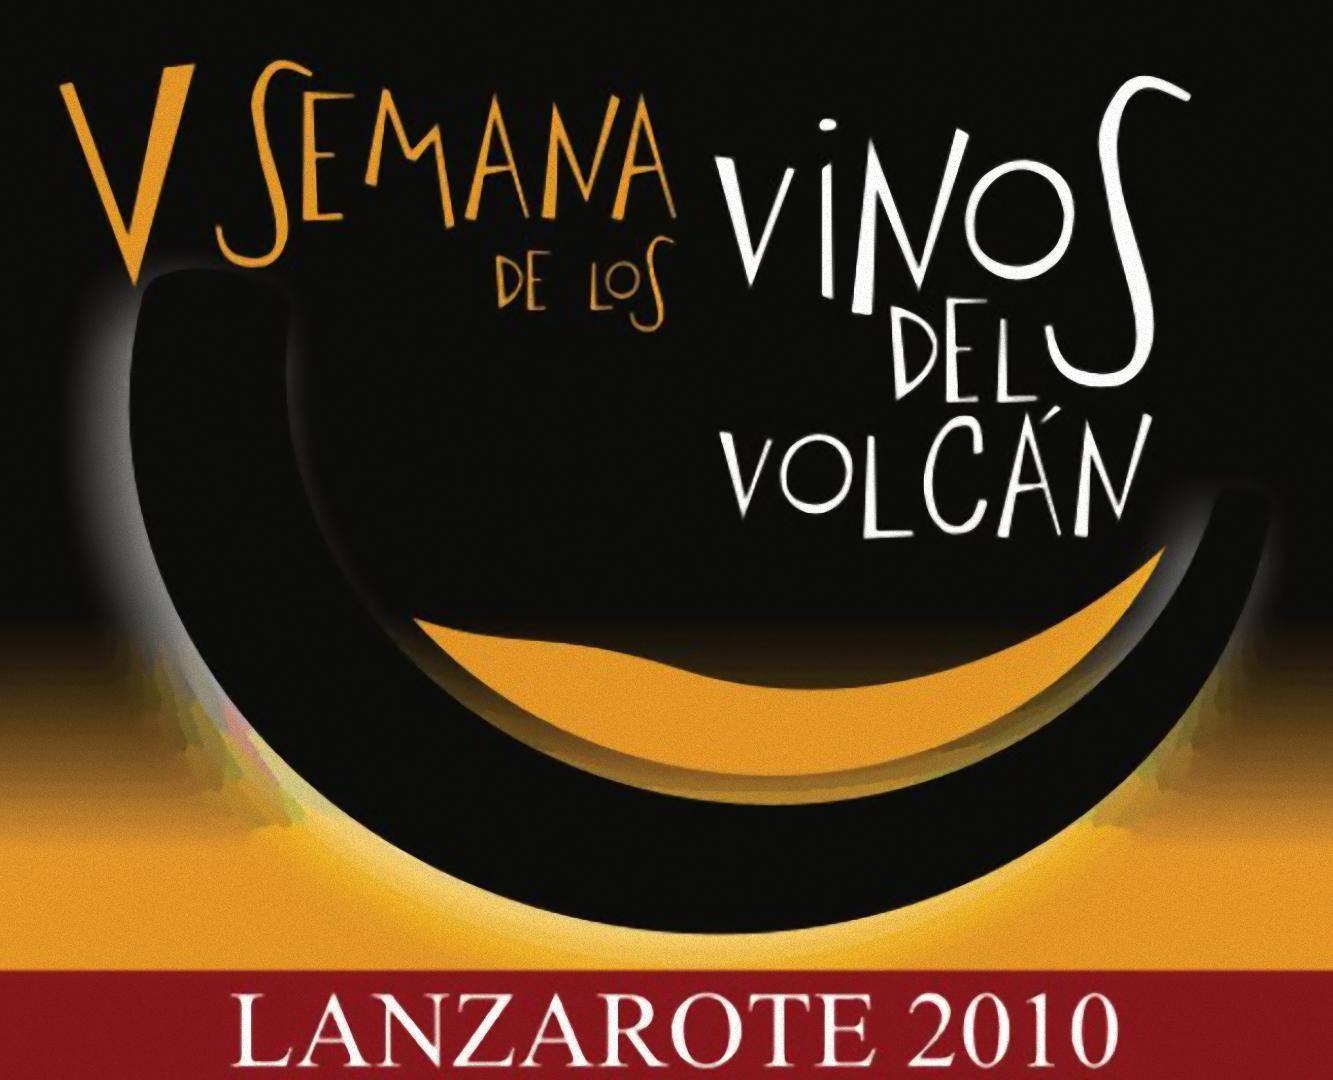 V Semana de los Vinos del Volcán